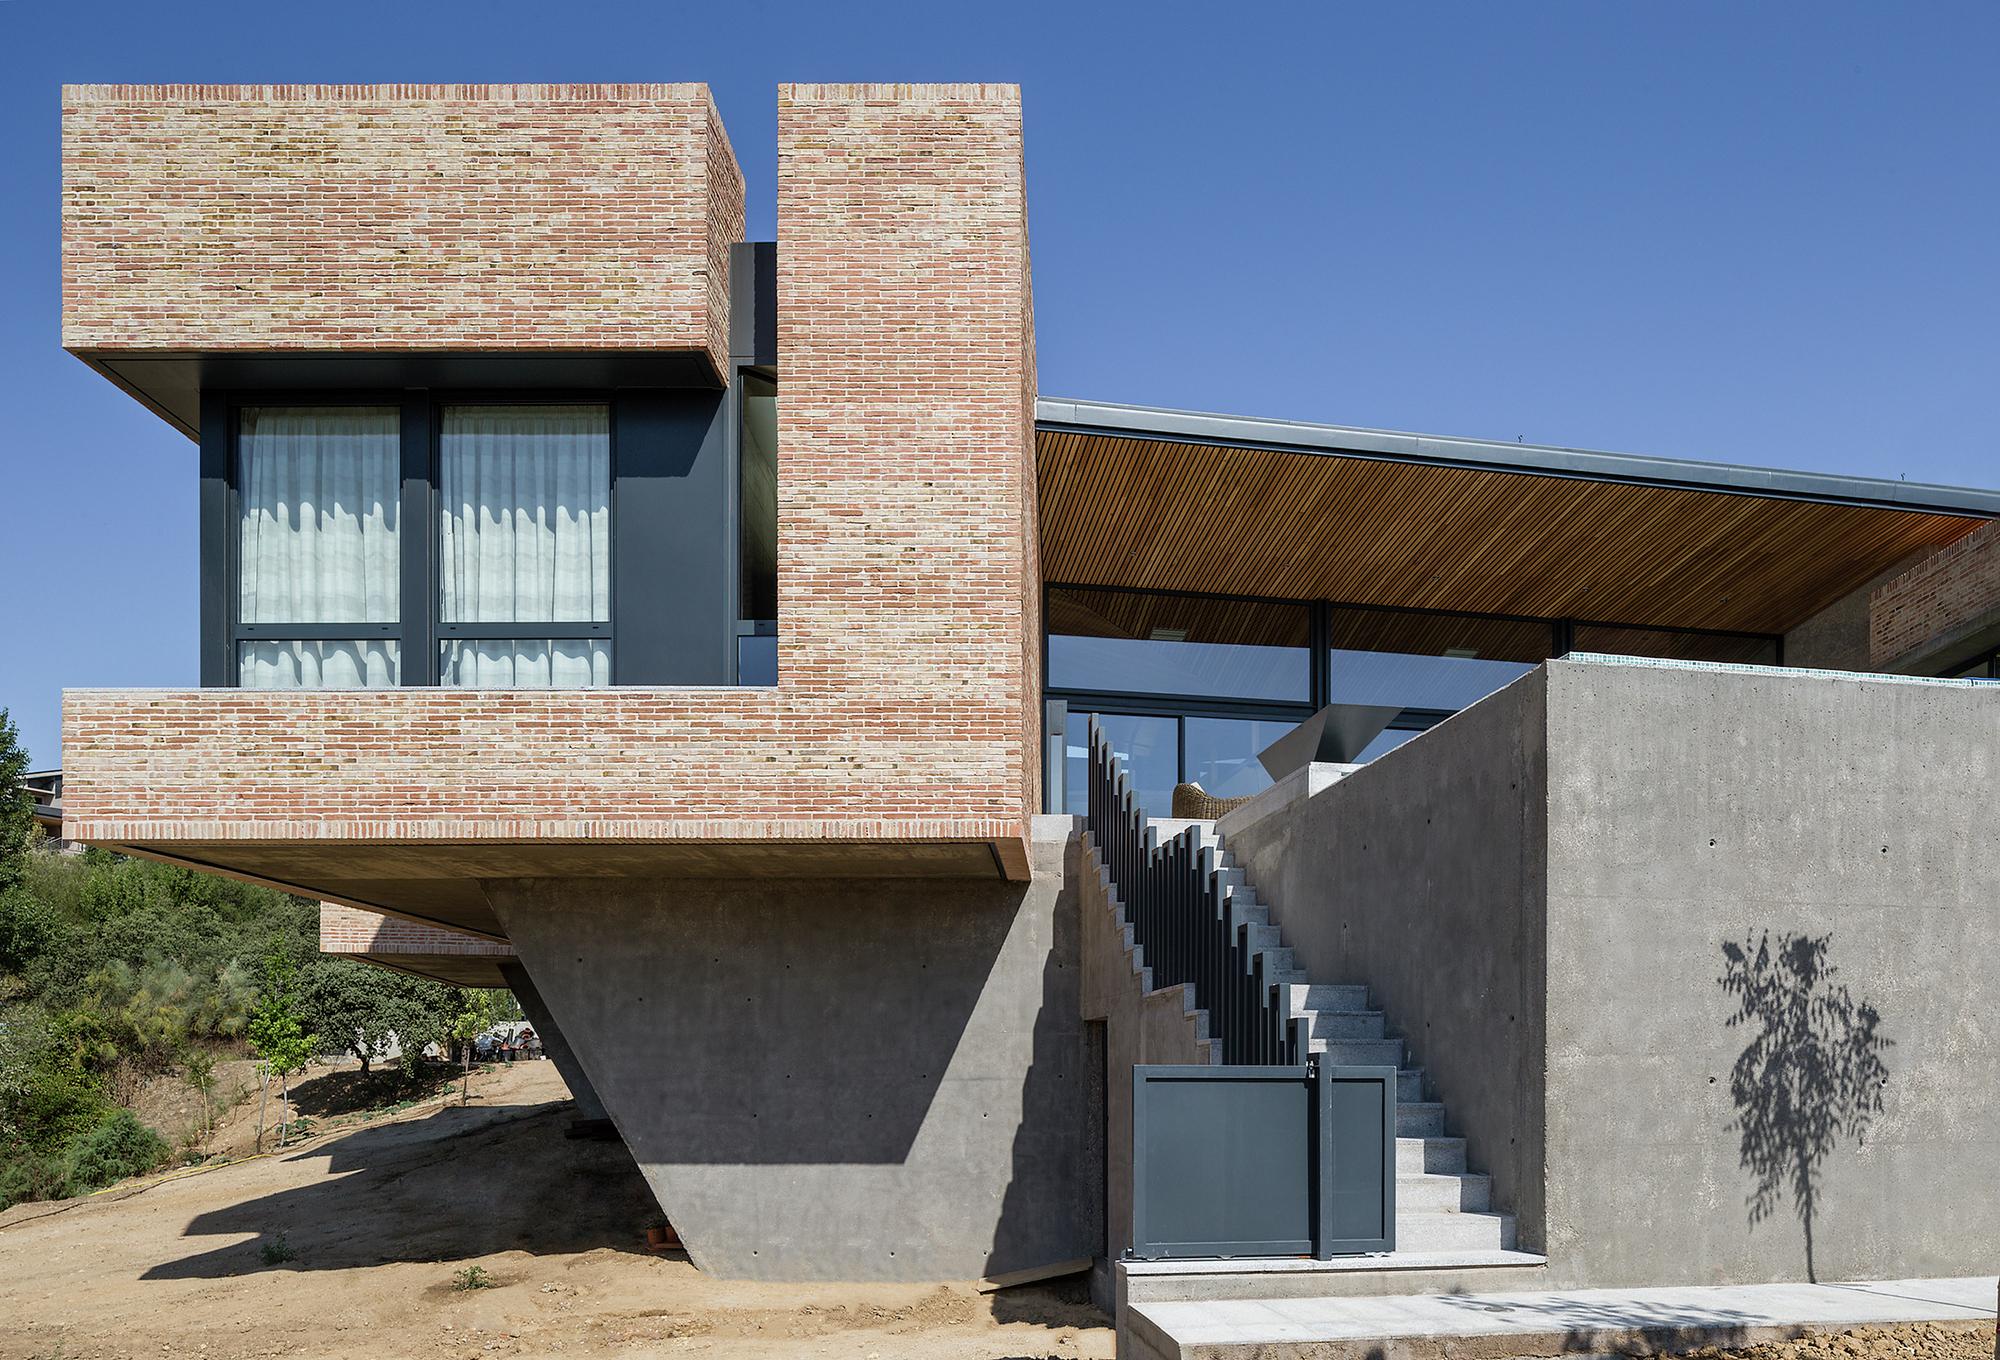 Single Family House In Molino De La Hoz Mariano Molina